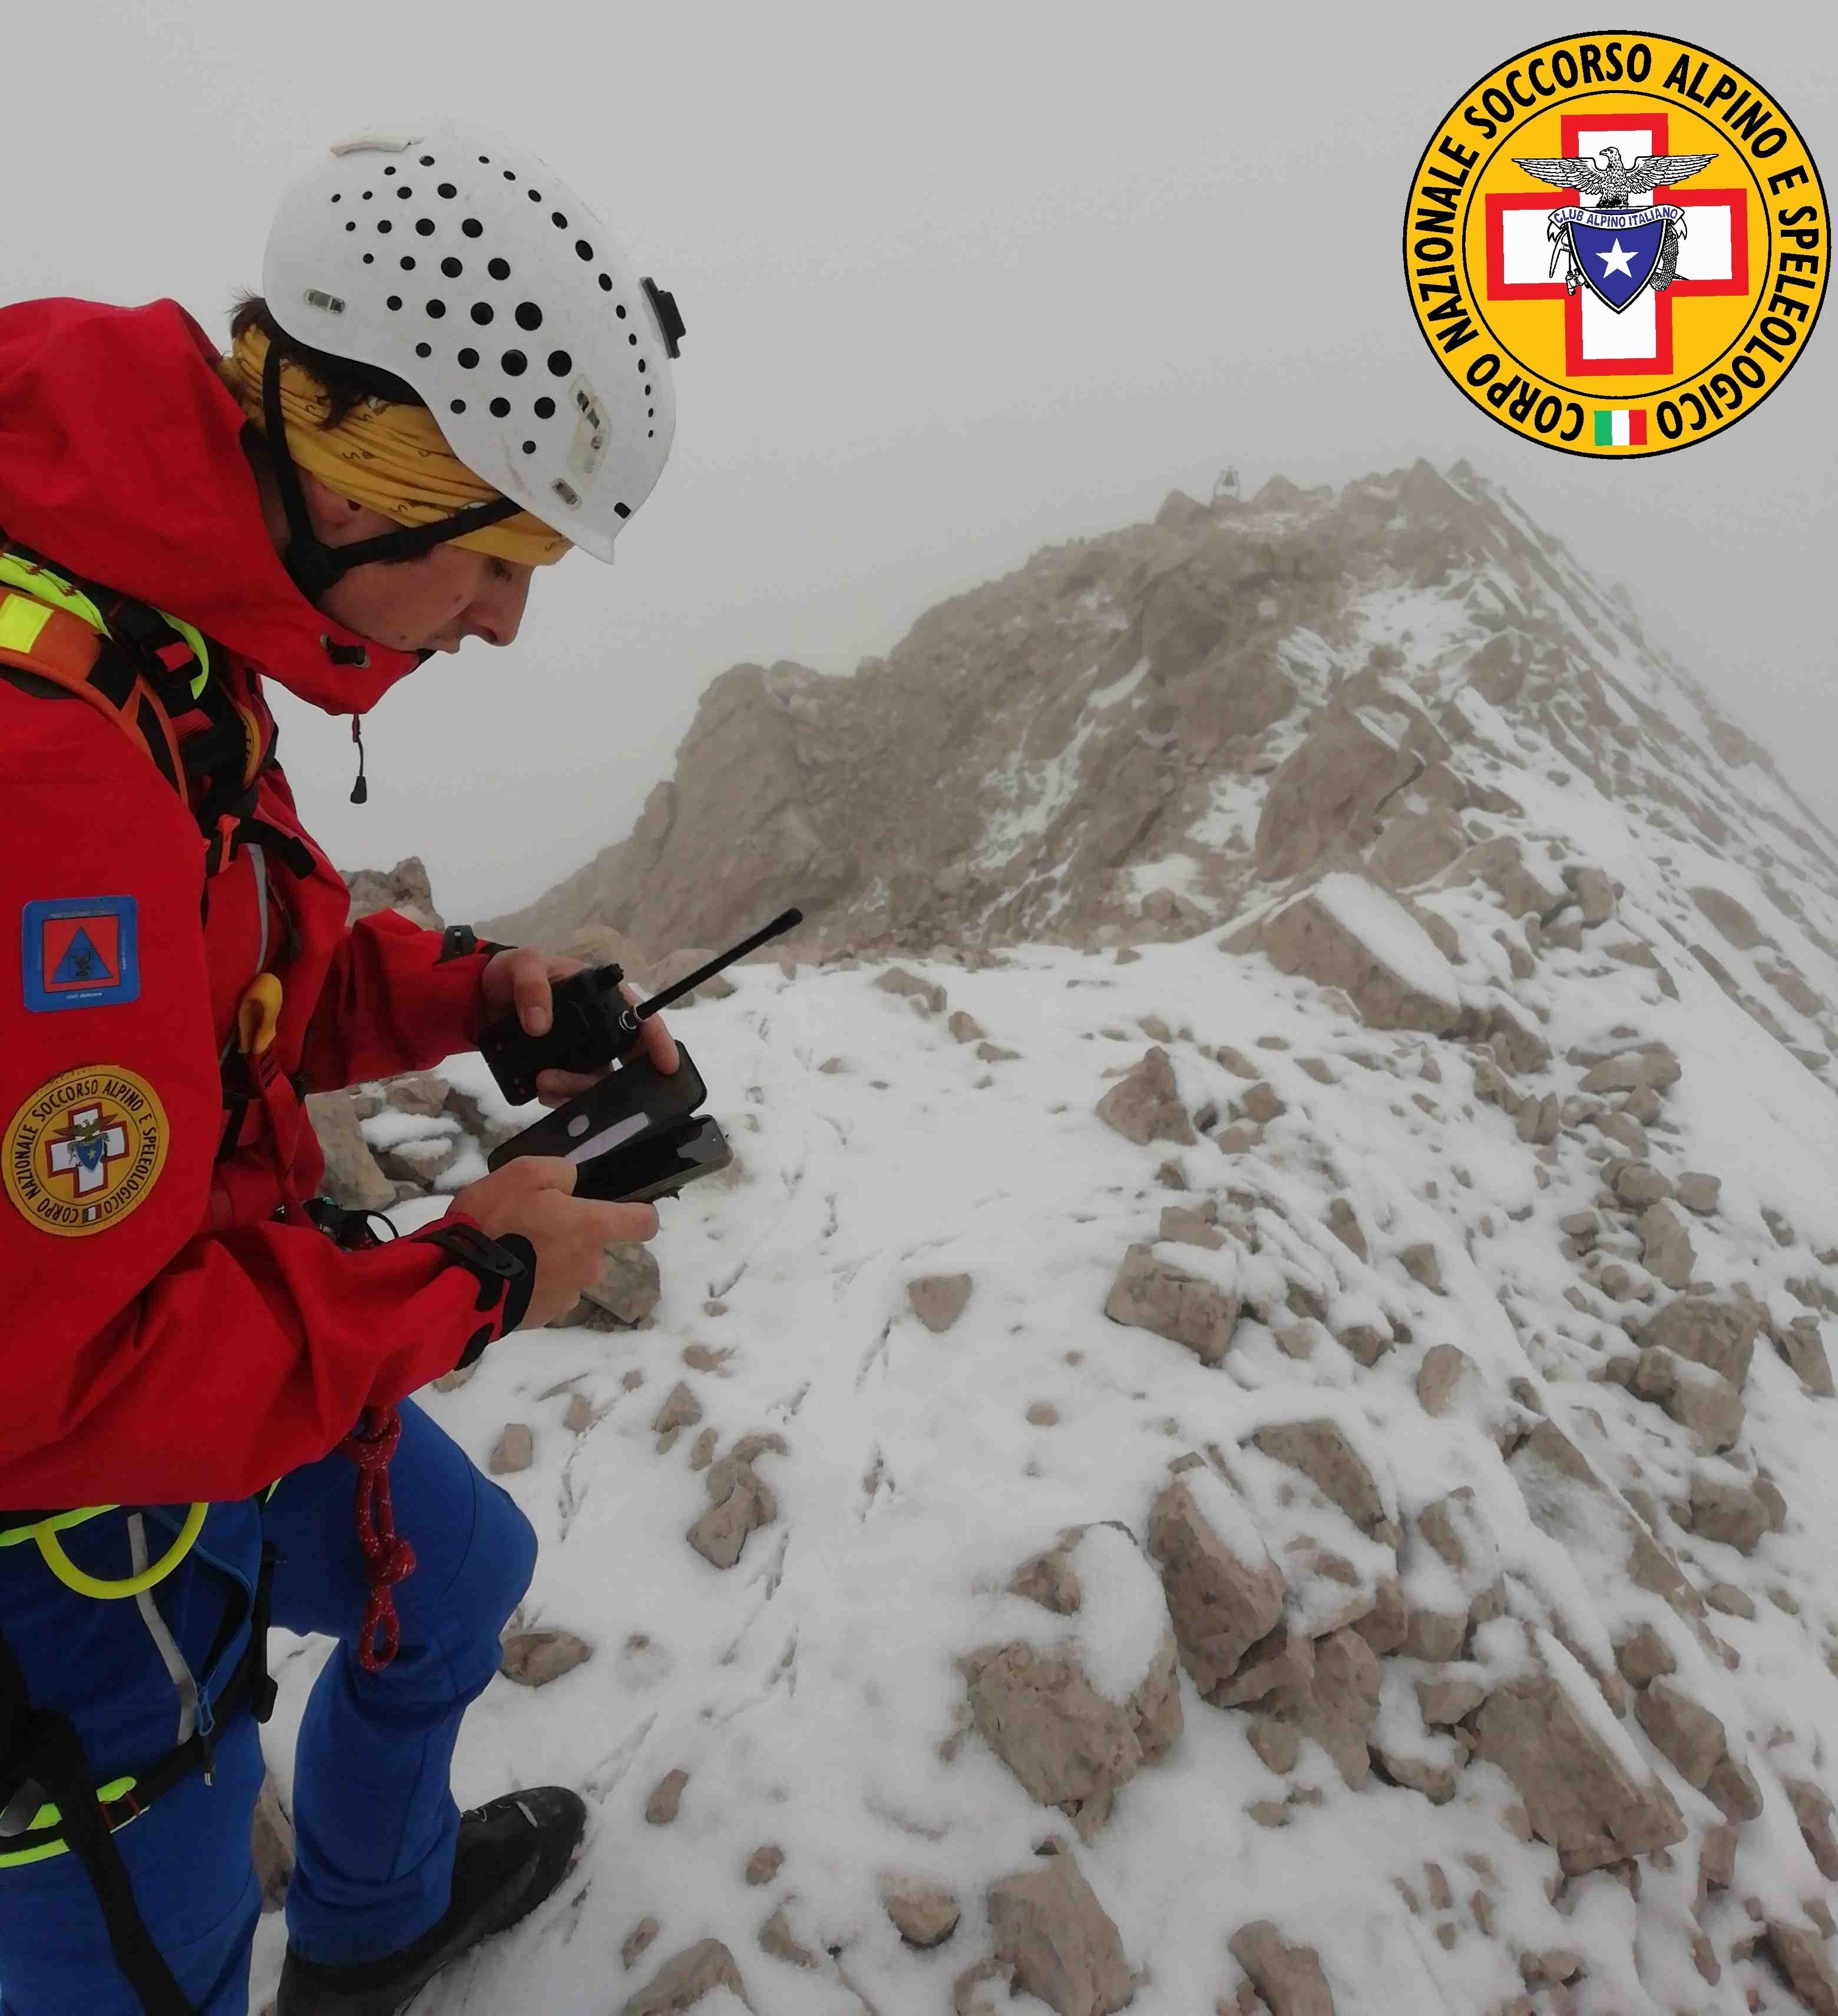 Photo of Raggiunti i due alpinisti bloccati sulla Cima dei Preti